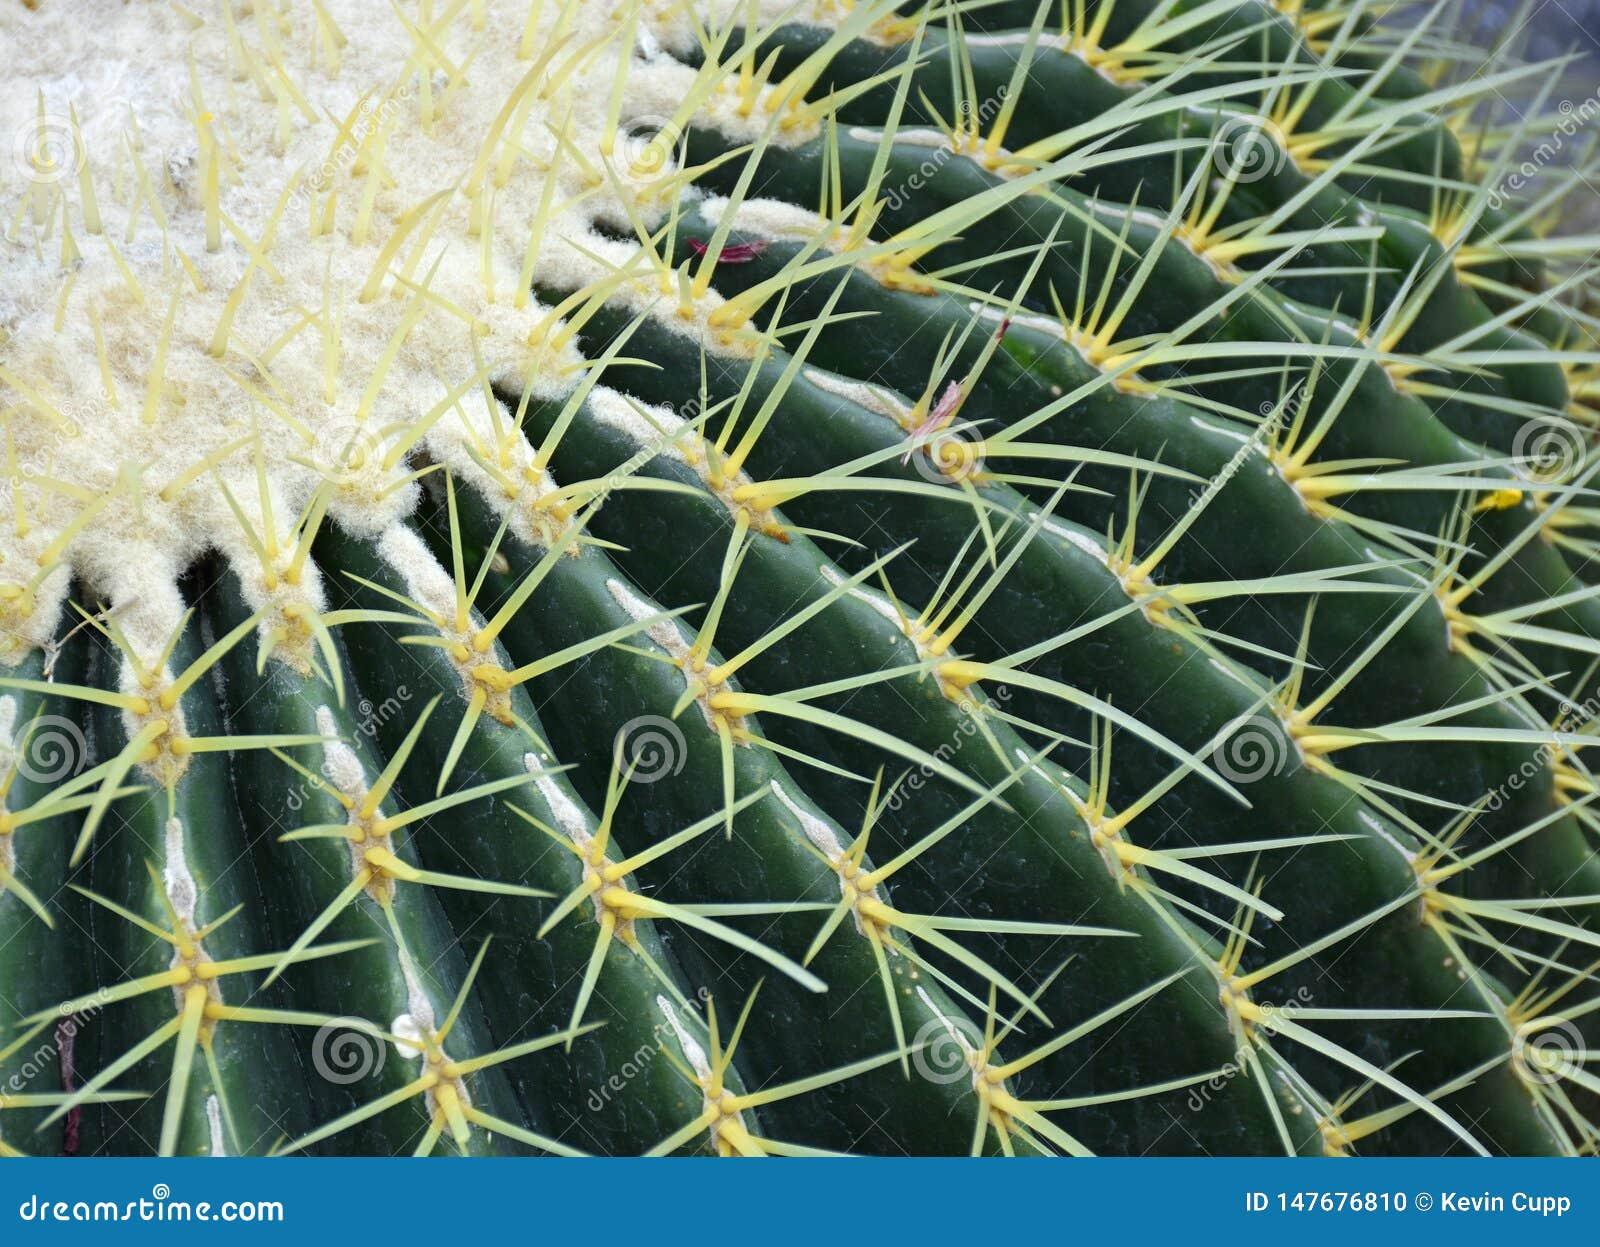 Golden Barrel Cactus in the Desert